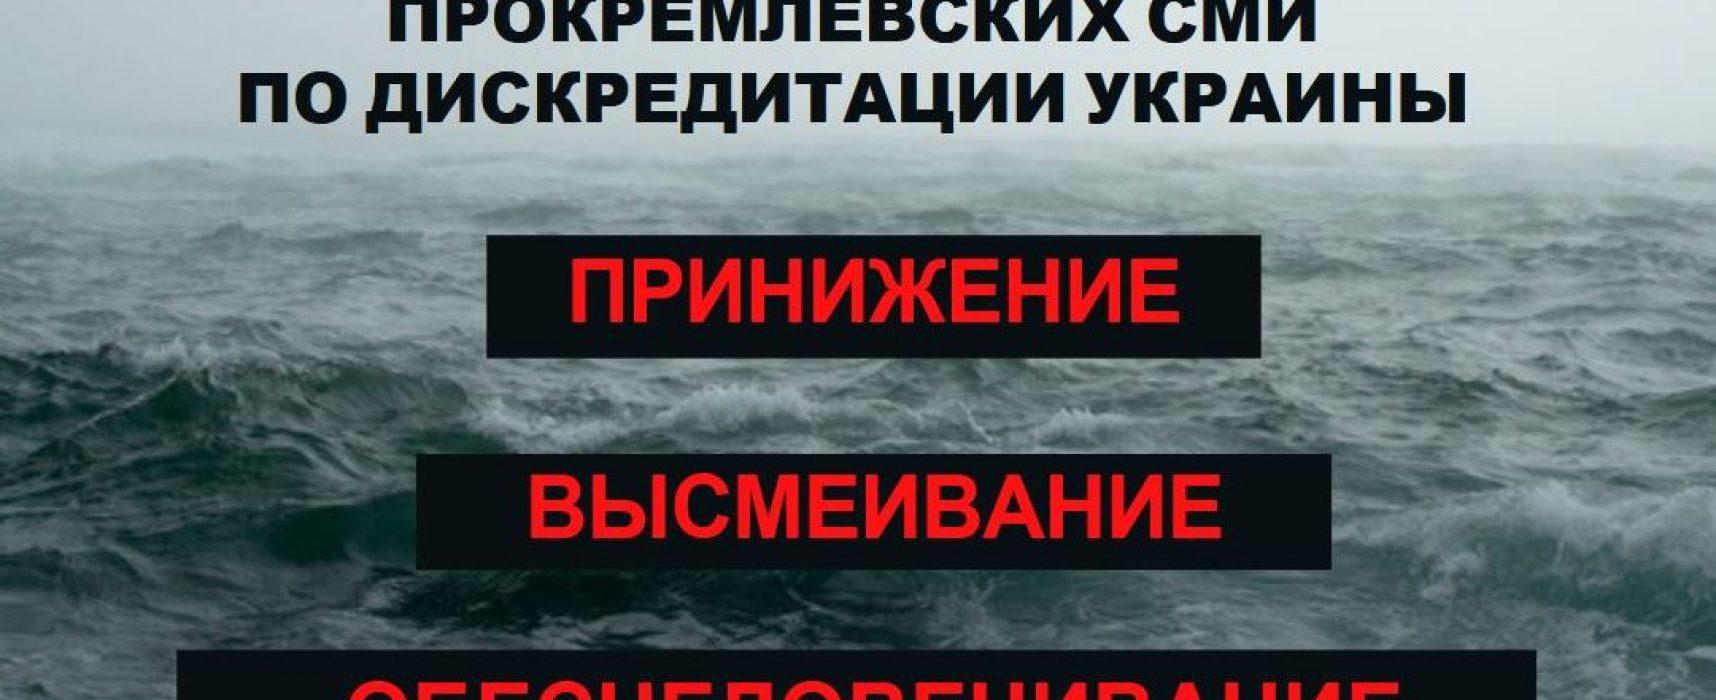 Дезинформация, направленная на дискредитацию Украины